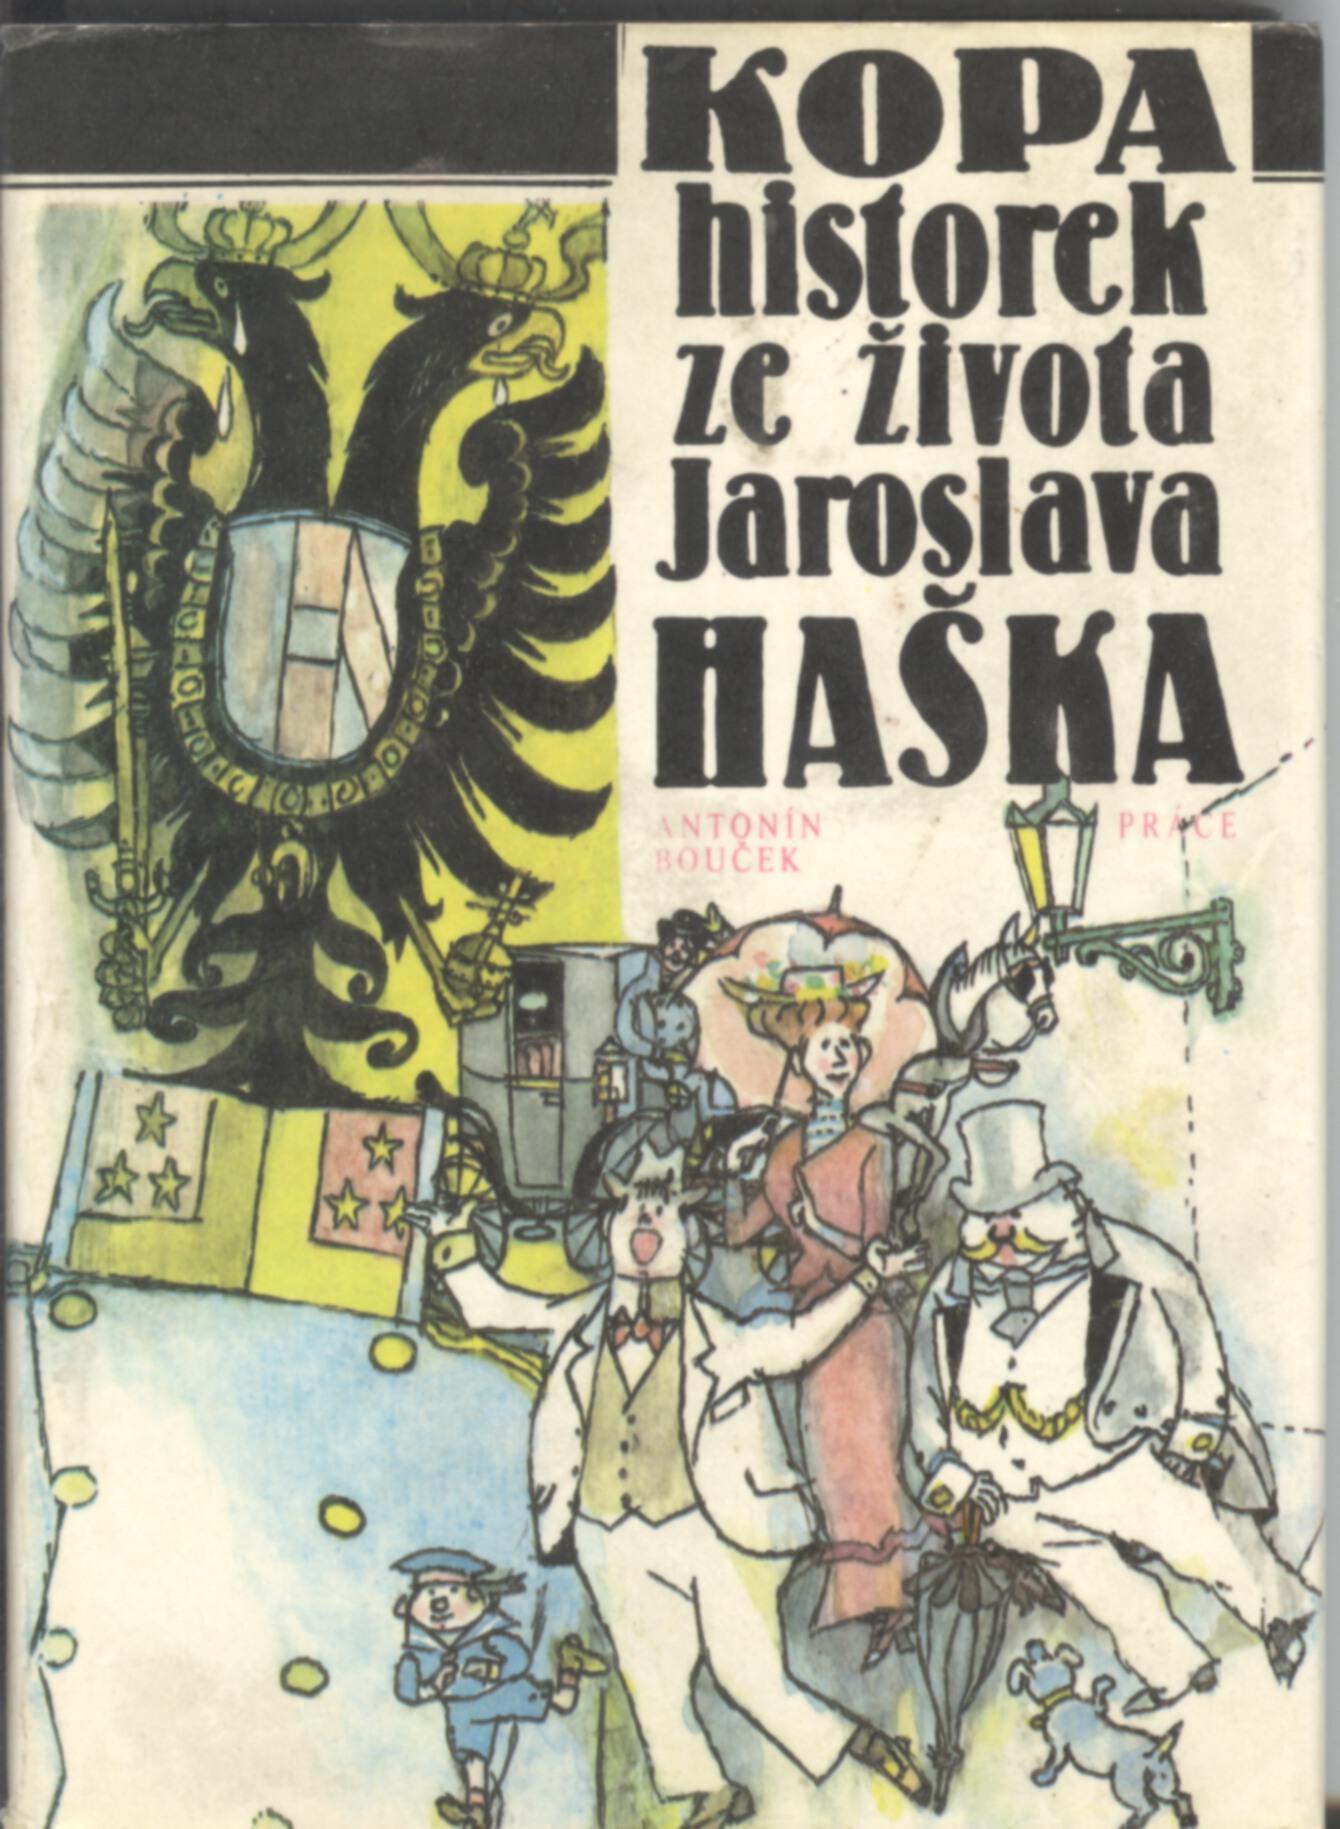 Kopa historek ze života Jaroslava Haška - Antonín Bouček